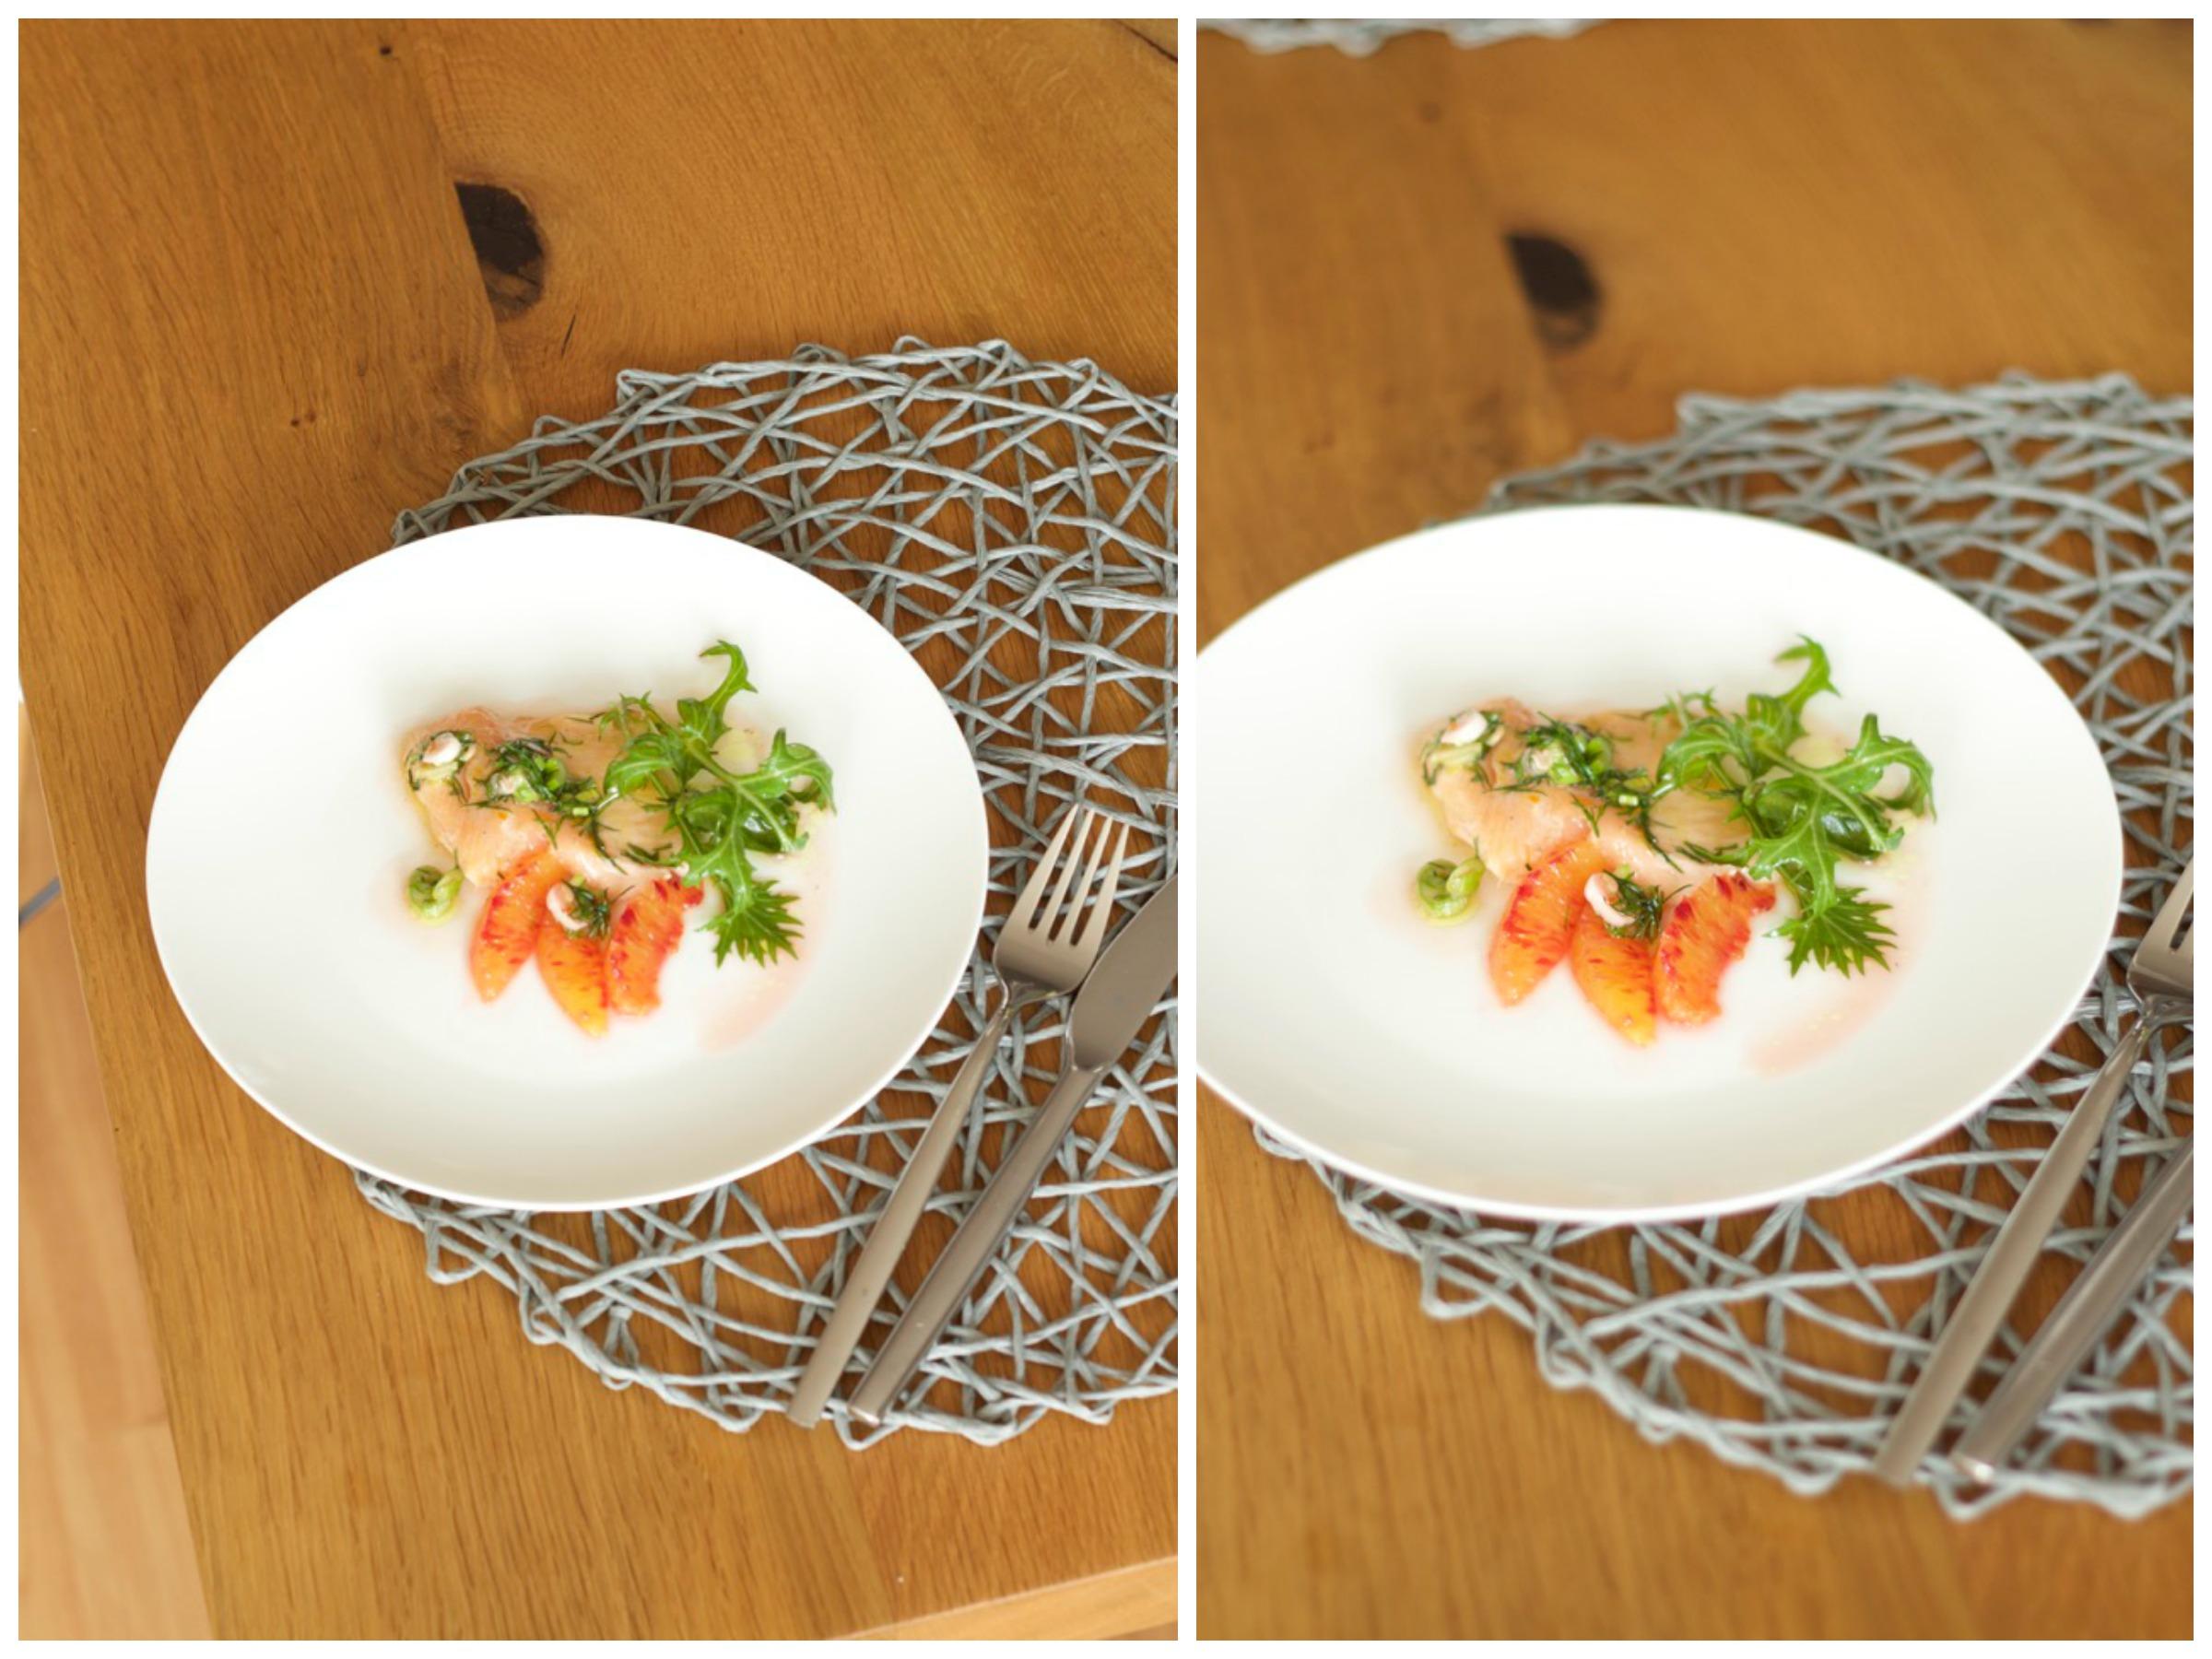 Lapin au vin - saftige Kaninchenkeulen im Kräuter-Speckmantel, Kardamom-Blutorangen-Möhrchen und Ingwer-Macaire-Kartoffeln